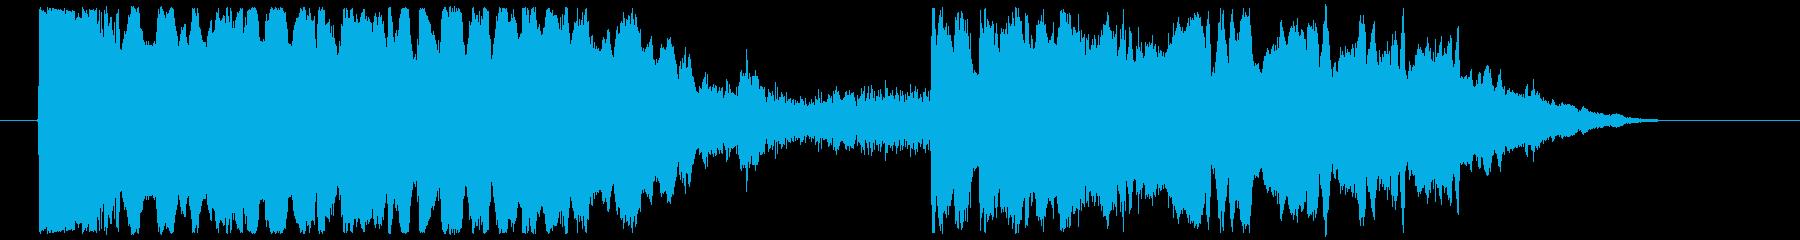 ブルズ・レホネス拍手とオーレスの再生済みの波形